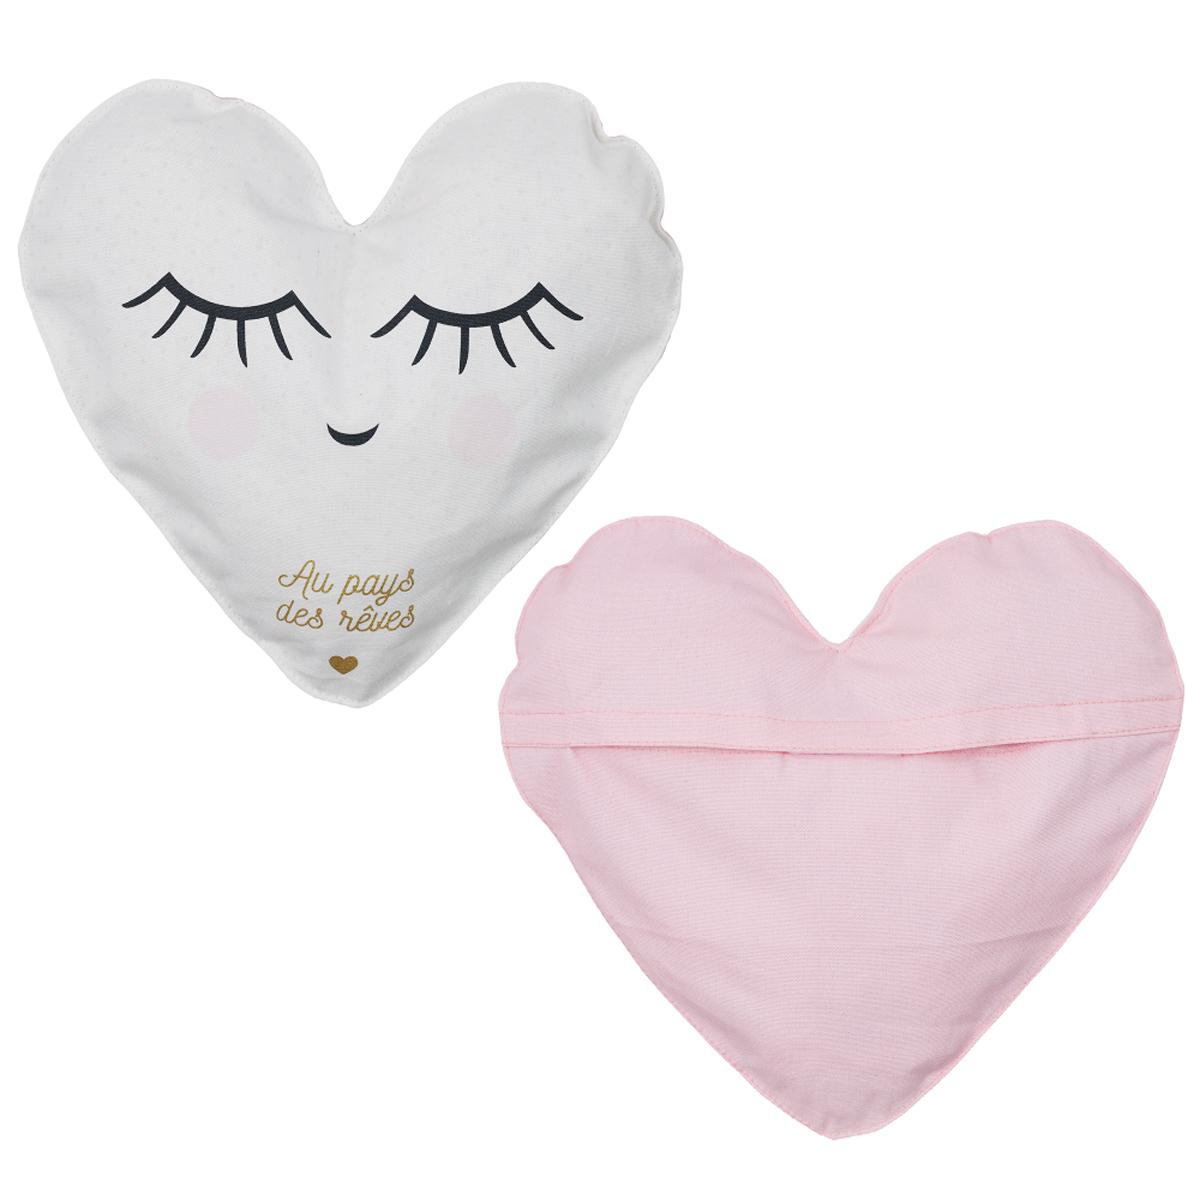 Range pyjama coton \'Coeur\' (au pays des rêves) - 30 cm - [A2270]